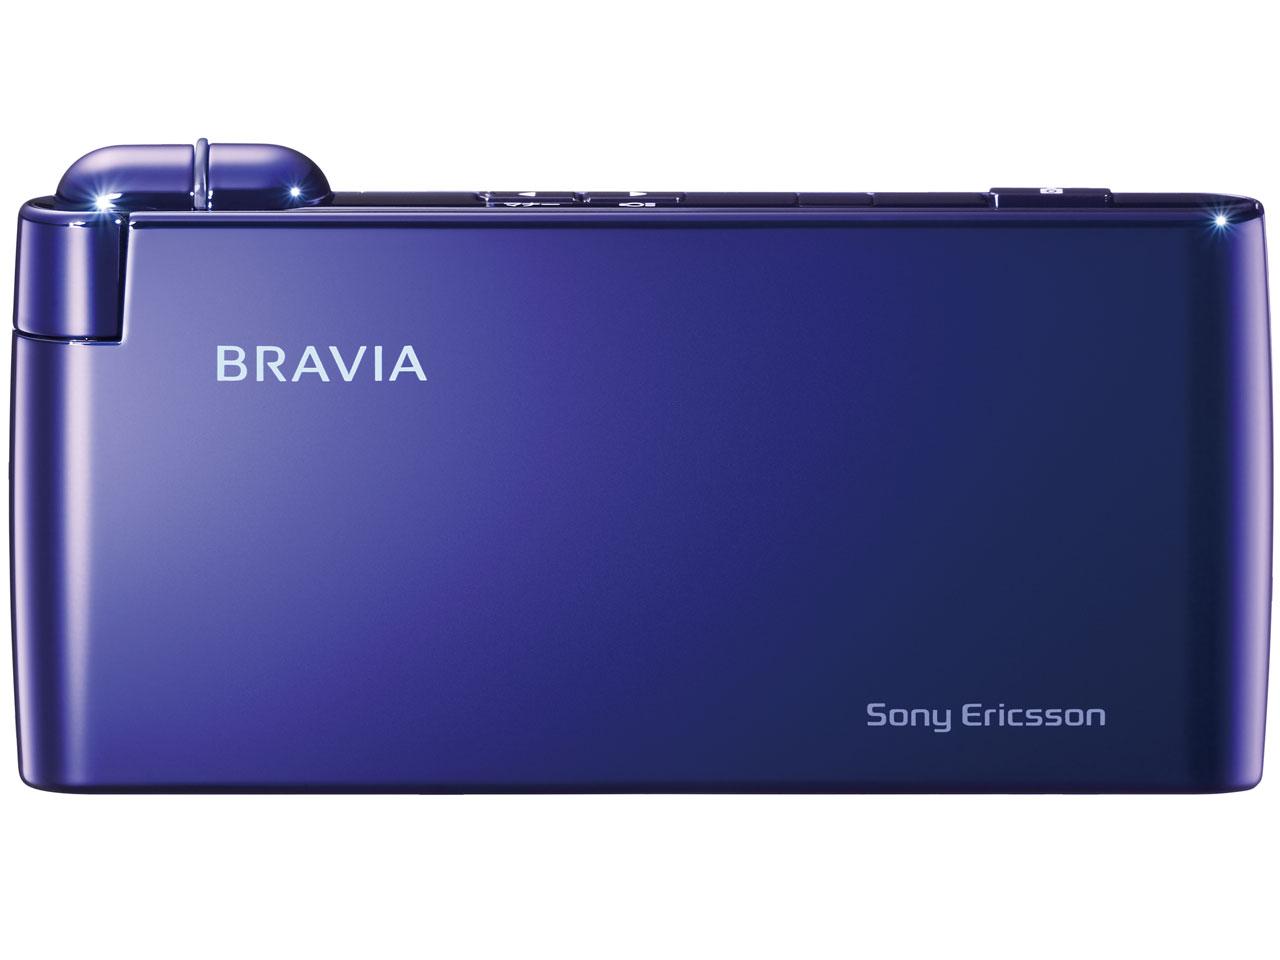 『本体 閉じ 正面1』 BRAVIA Phone S005 [クールブルー] の製品画像